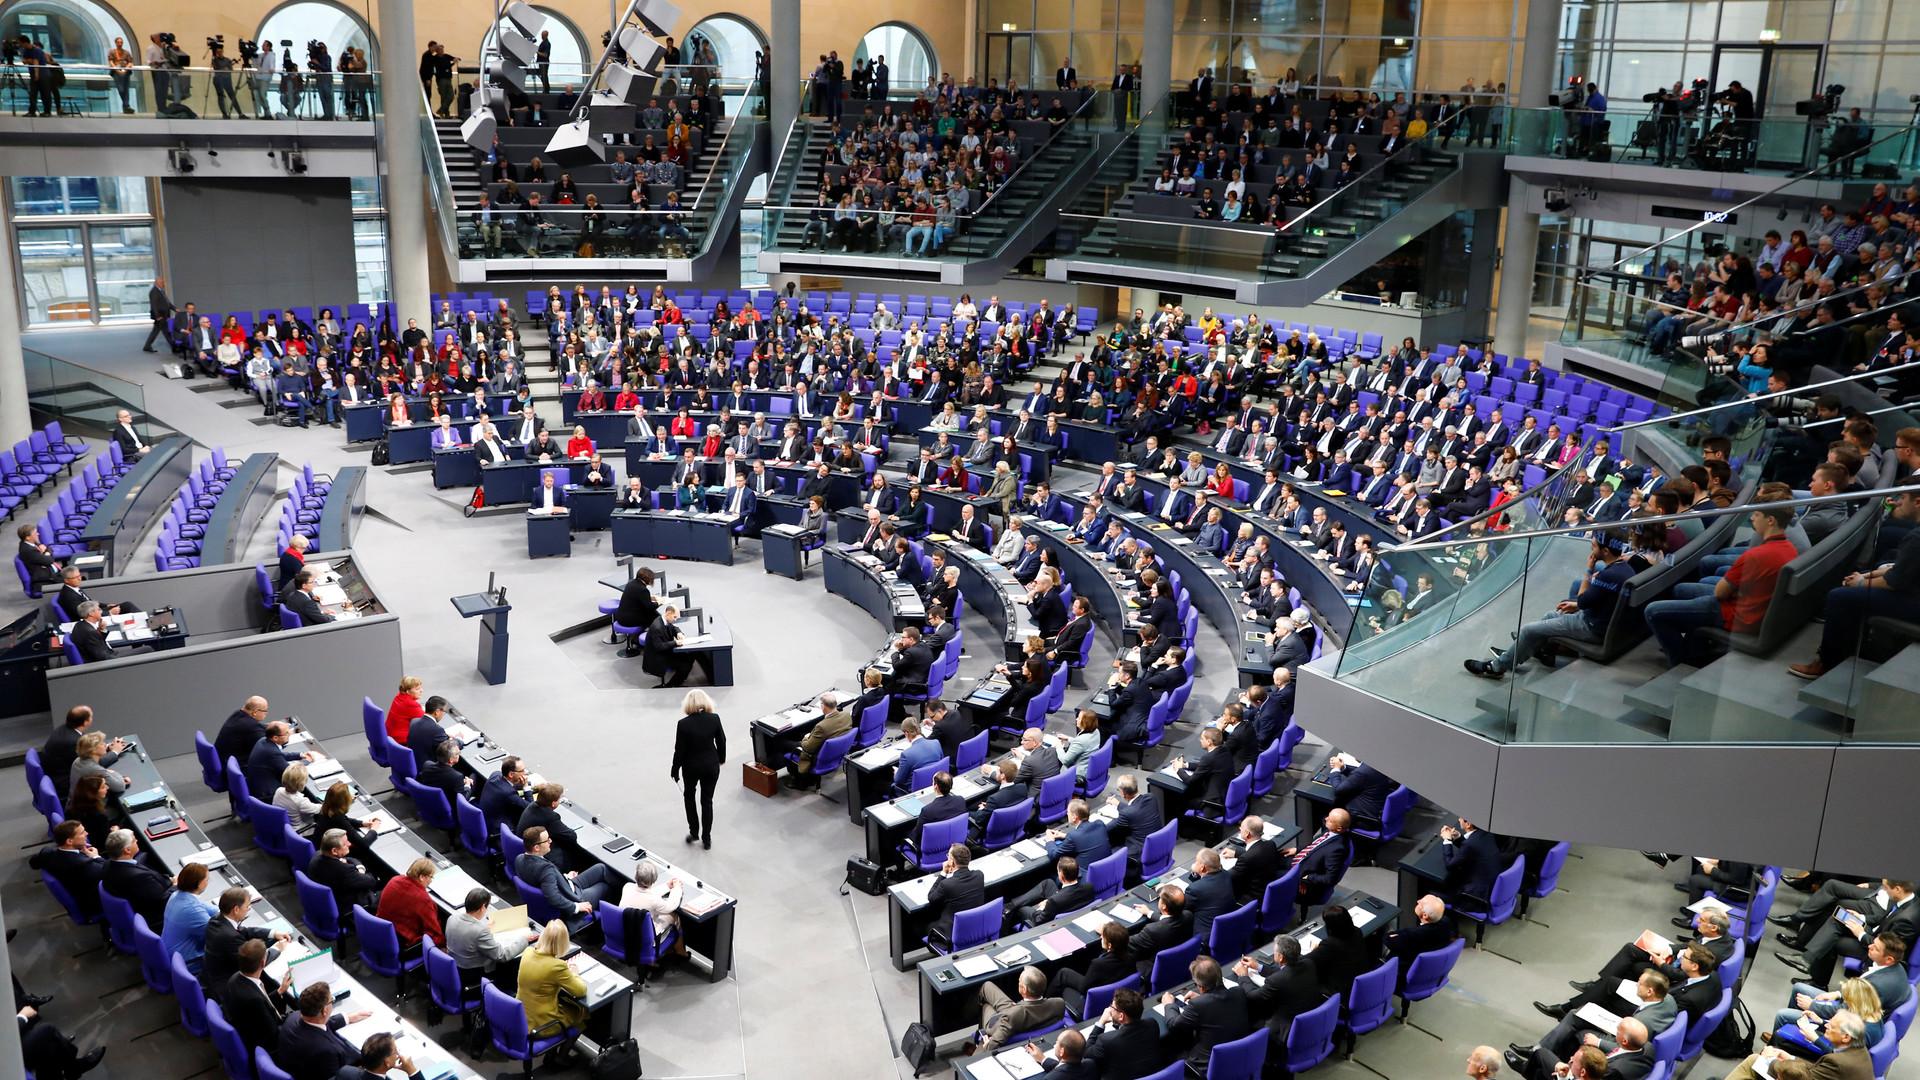 «Помог разглядеть в солдате человека»: немецкий политик написал письмо школьнику из Нового Уренгоя